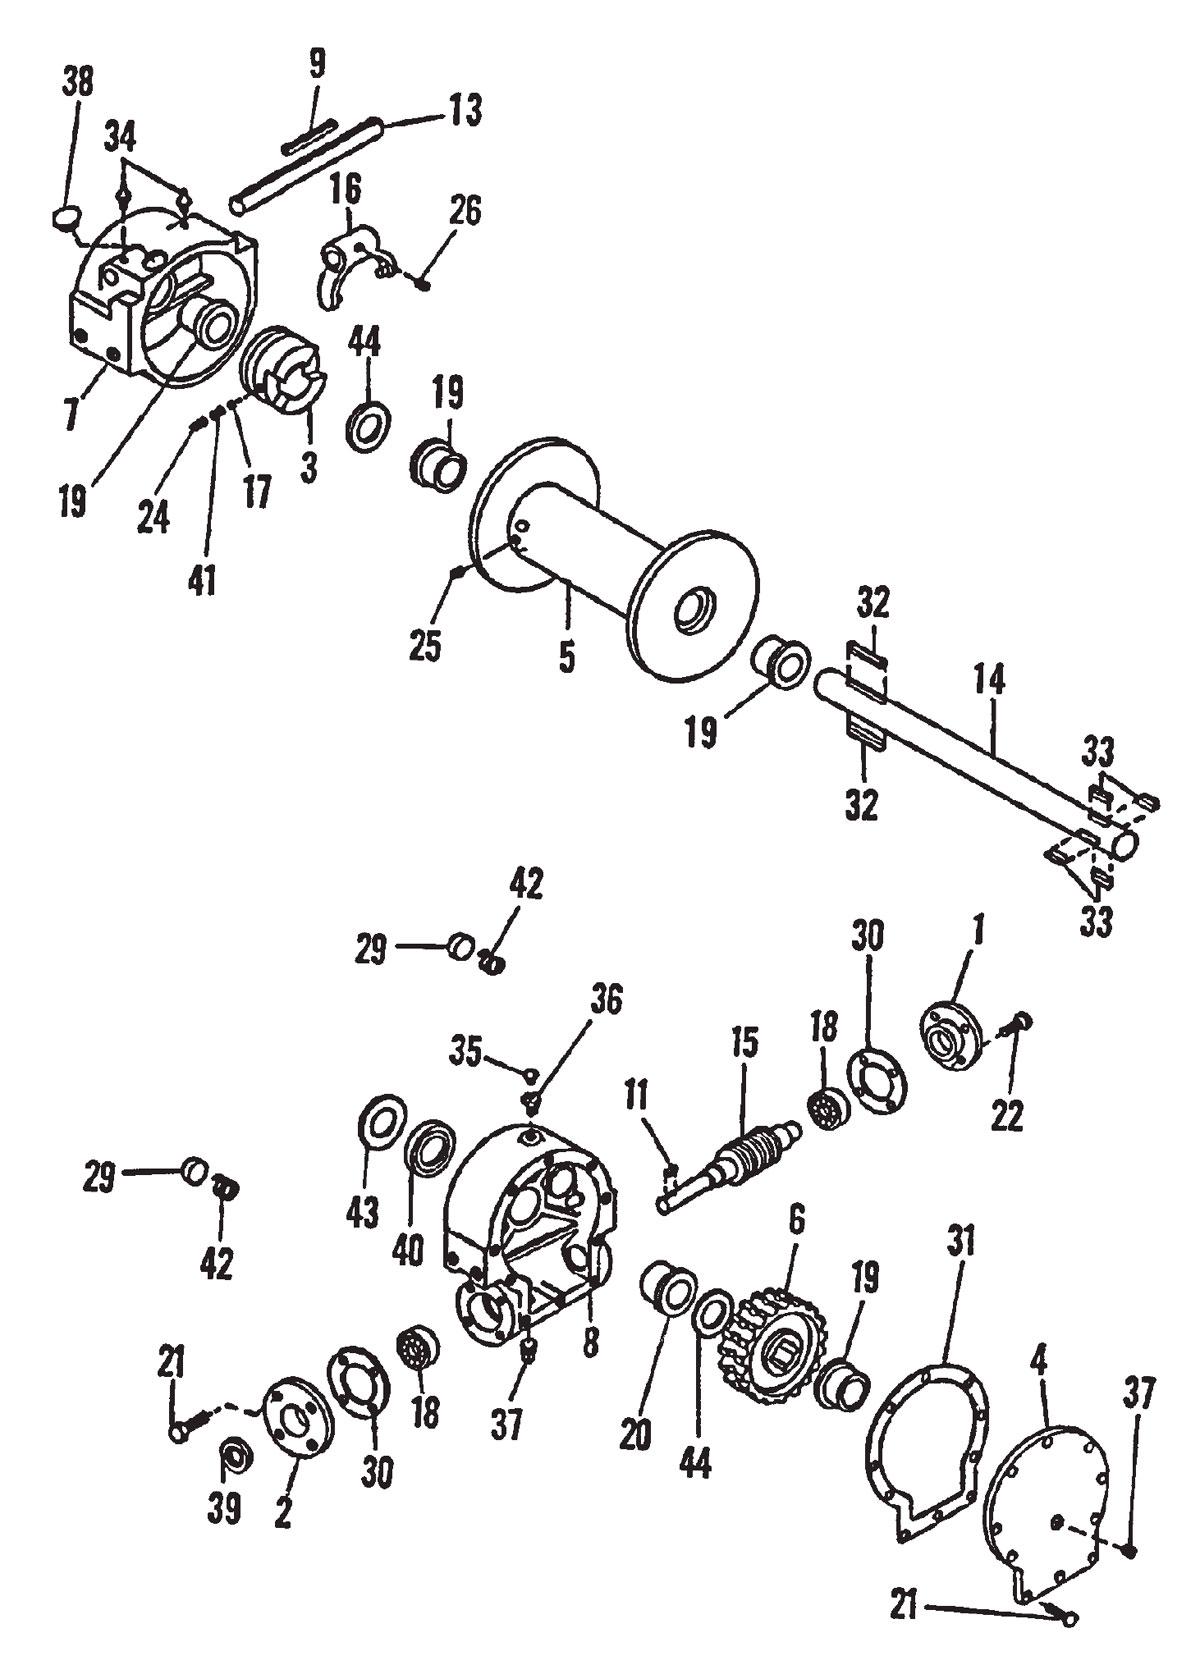 Smittybilt Winch Solenoid Wiring Diagram T-Max Winch